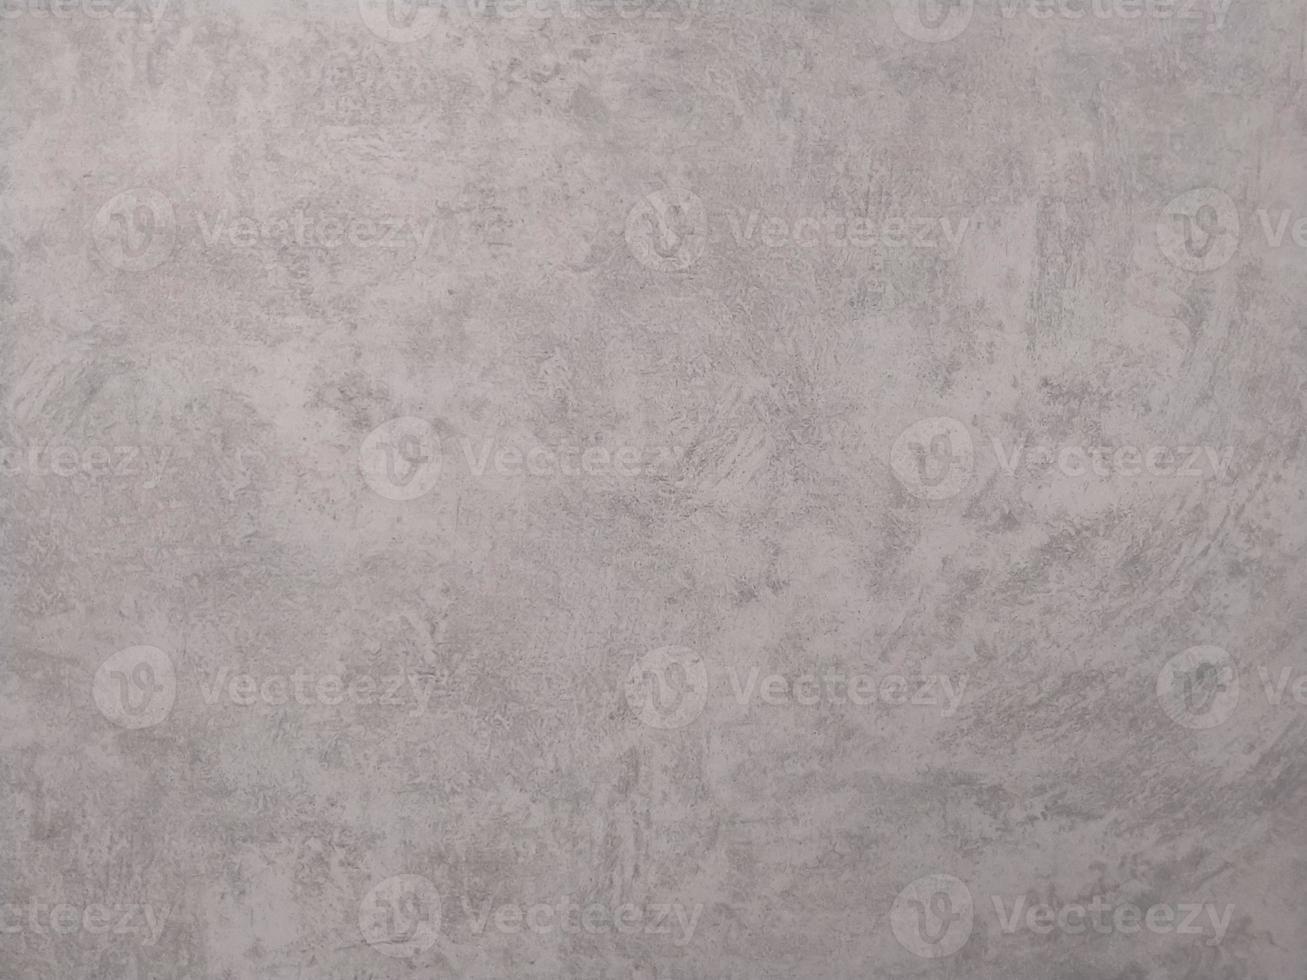 textura de concreto cinza foto